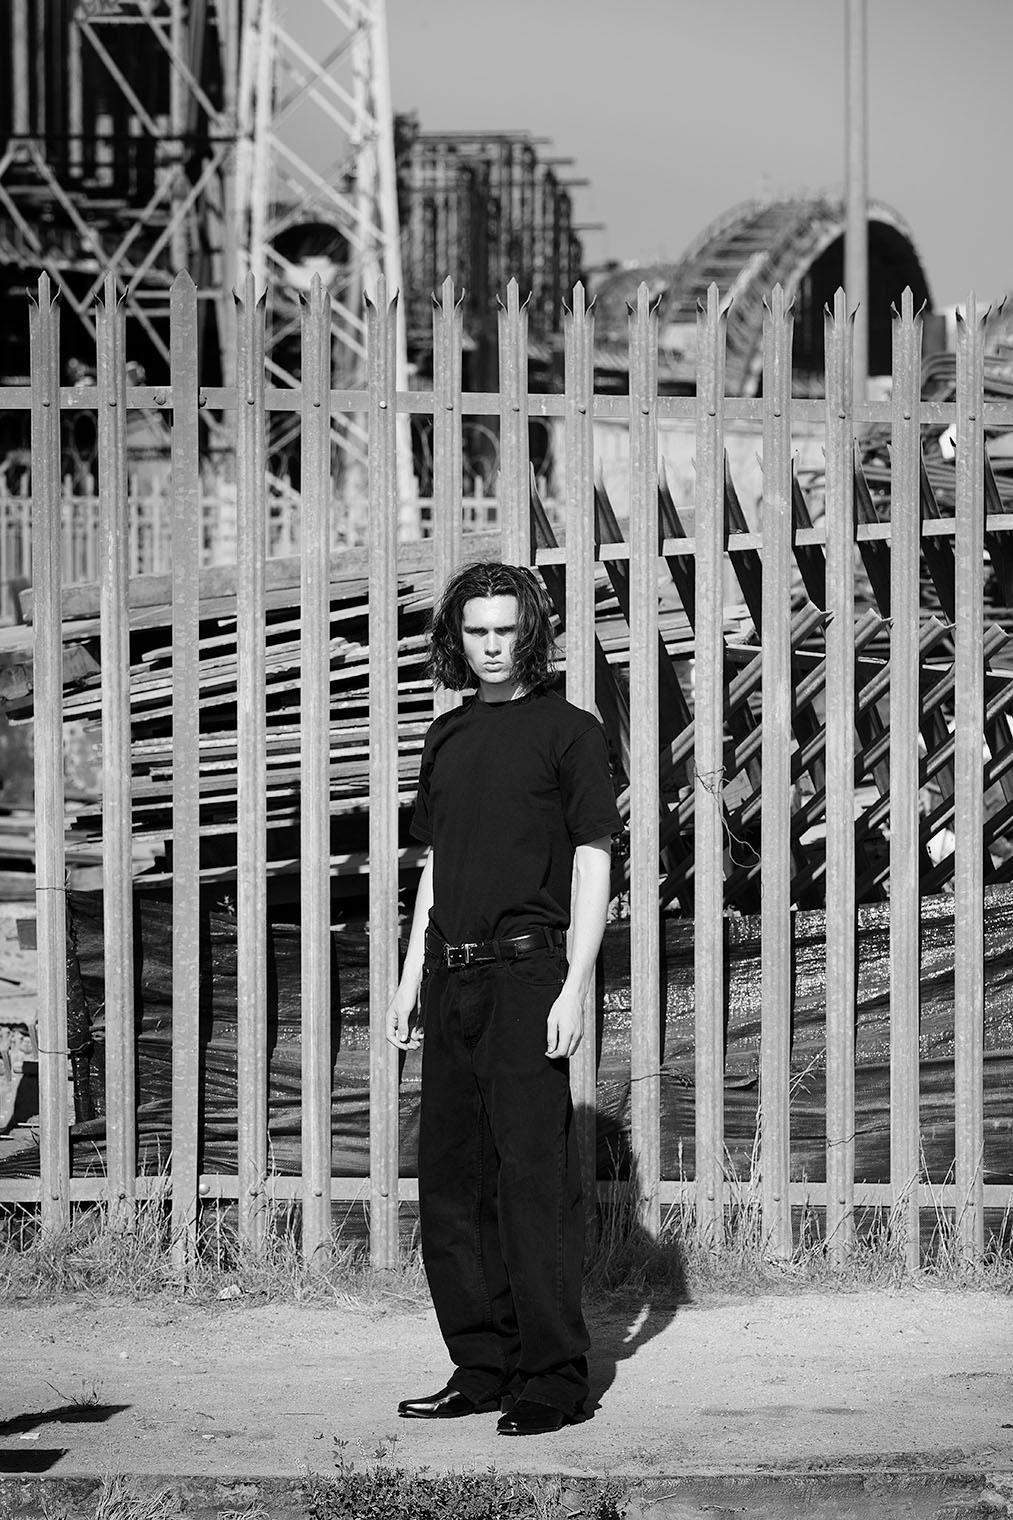 mensstyle photo shoot at bridge in LA - male model in black denim